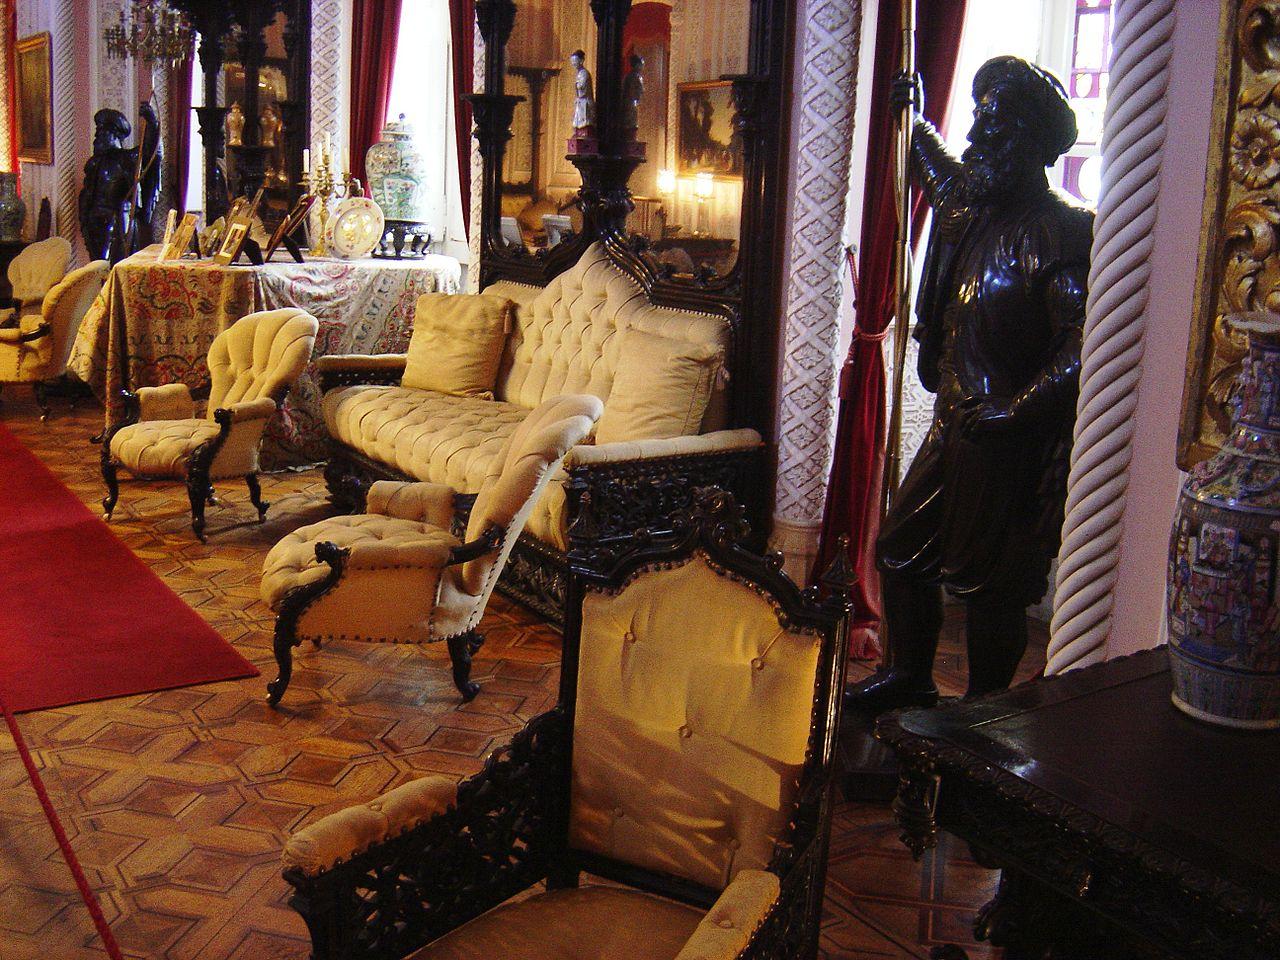 Palatul este decorat cu mobilier de cea mai bună calitate